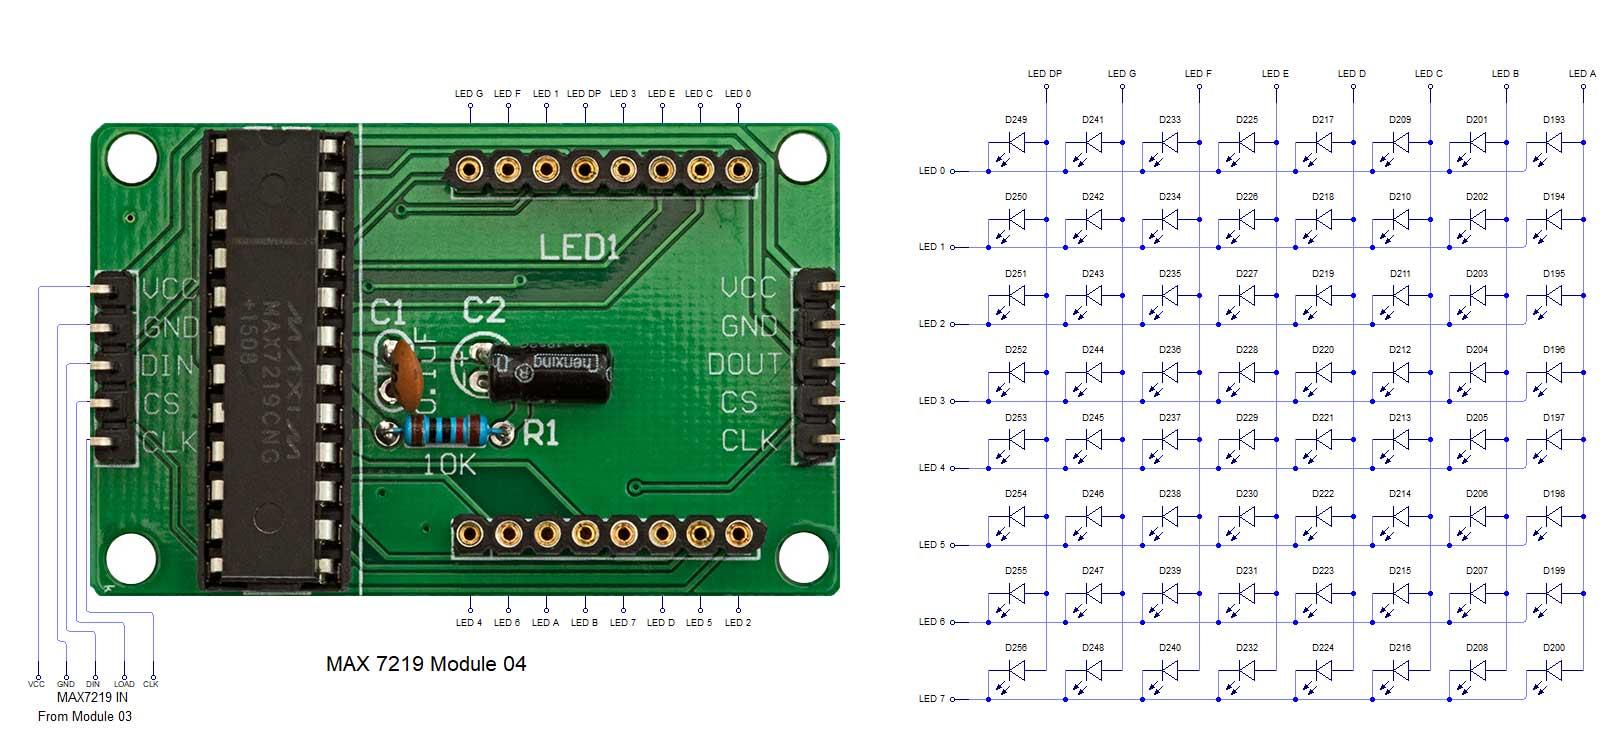 Schmatic mod04 7pxkn4zi9y